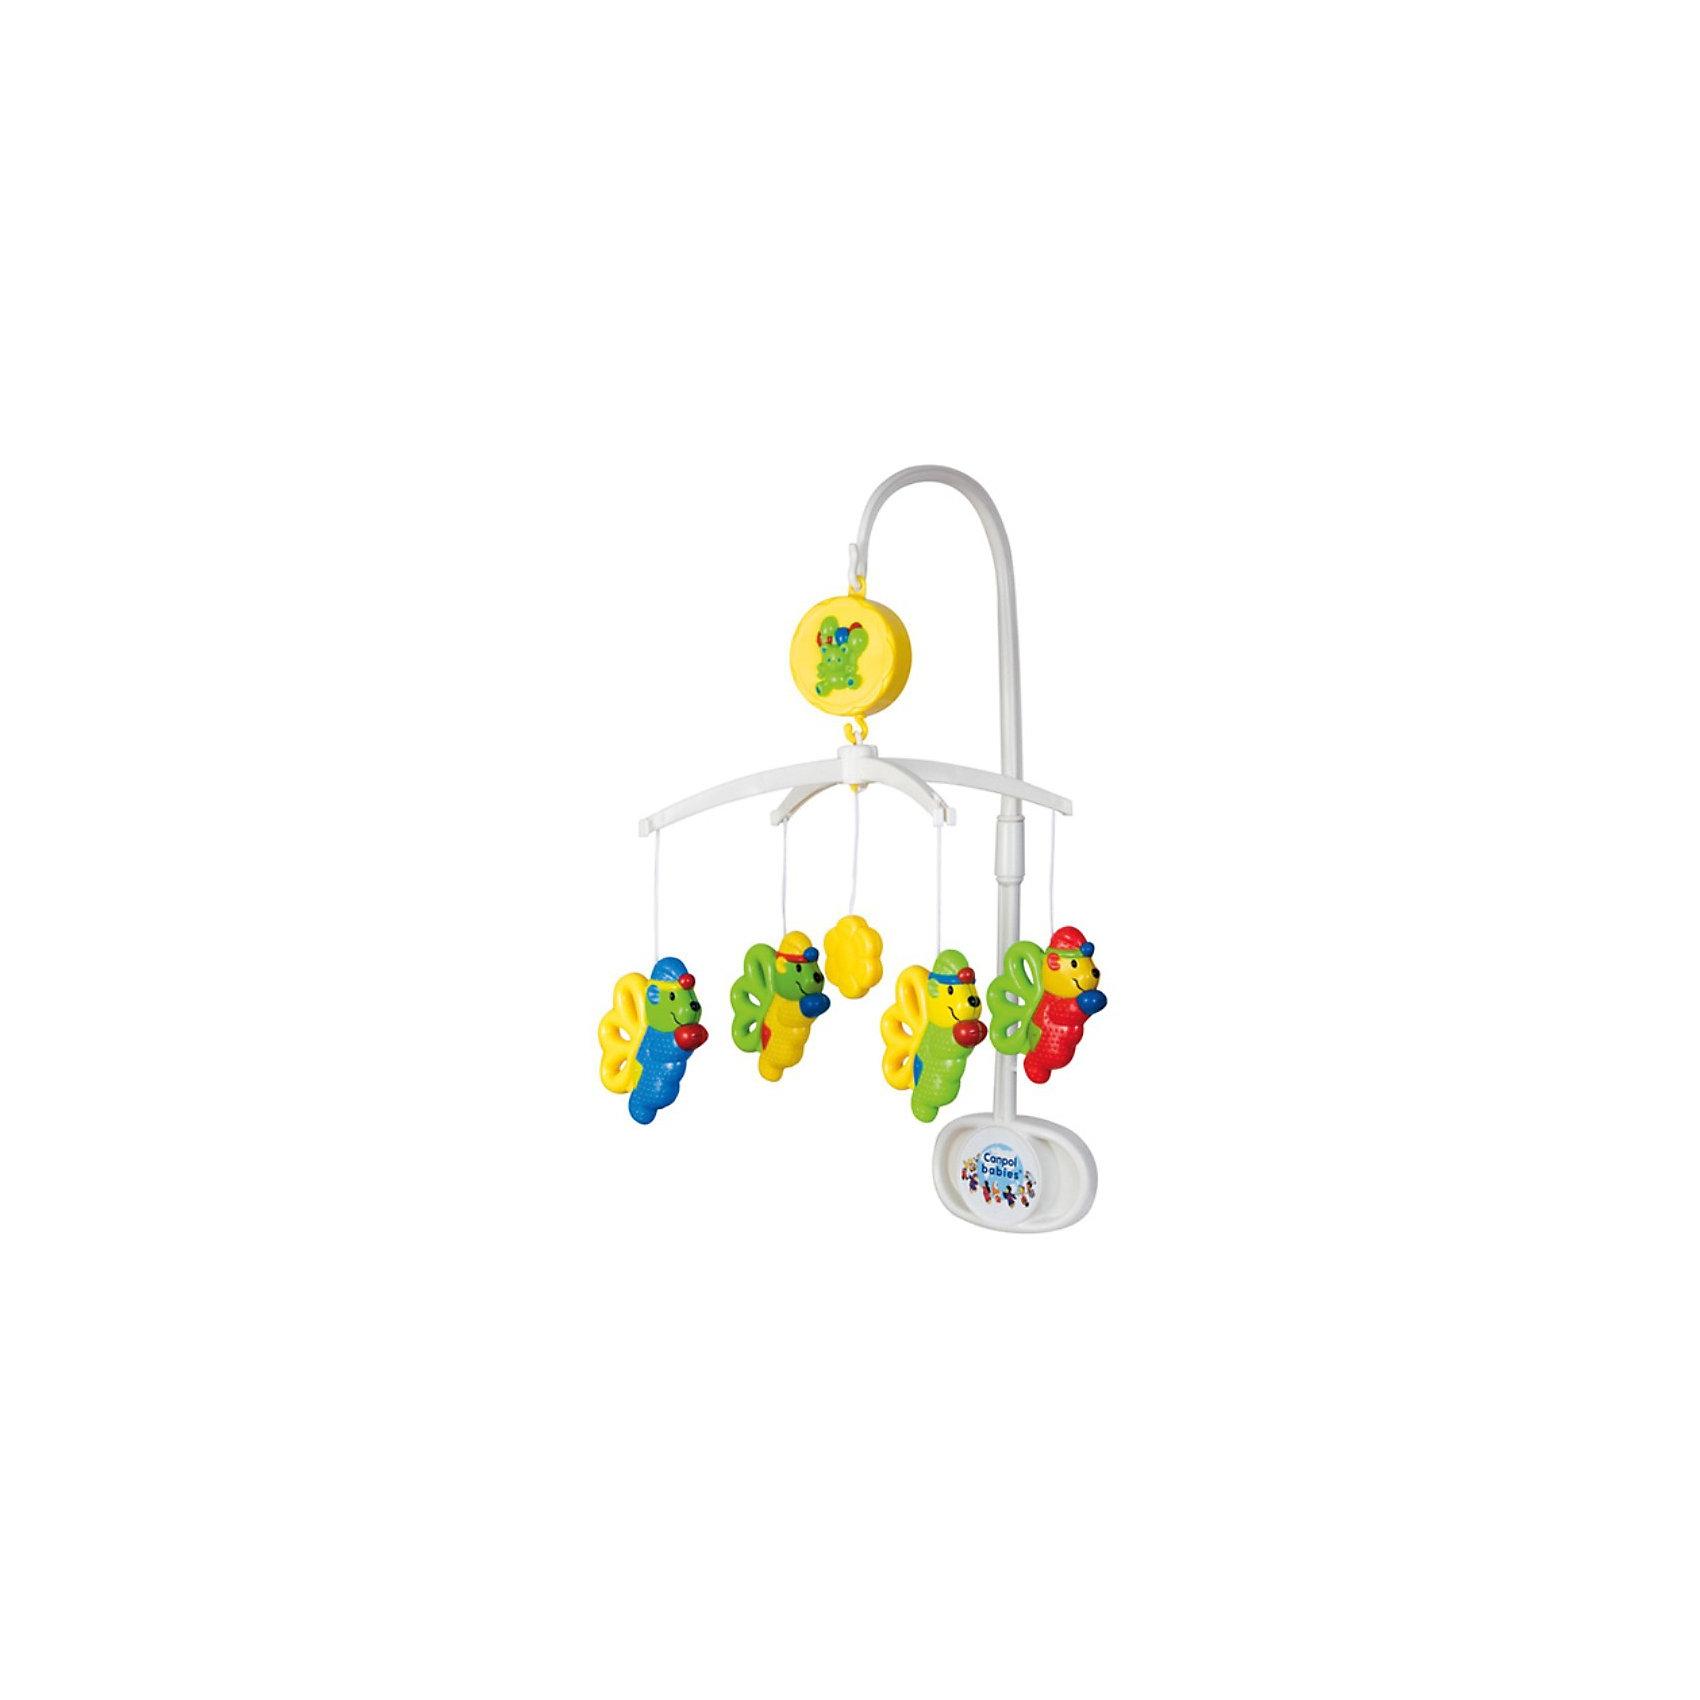 Музыкальная игрушка-карусель Эльфы, Canpol BabiesМобили<br>Музыкальная игрушка-карусель Эльфы от Canpol Babies (Канпол Бэйбиз) крепится на кроватку и сделает времяпрепровождение Вашего малыша в кроватке еще интереснее! <br><br>Красочные игрушки из безопасной для малыша пластмассы крутятся, тем самым помогая малышу научиться фокусировать зрение. Приятная мелодия музыкальной шкатулки сможет успокоить ребенка и помочь быстрее и крепче заснуть. Каждую из игрушек можно отстегнуть и дать ребенку познакомиться с ними поближе. Блигодаря своей текстуре их можно давать ребенку во время прорезывания зубов - они не повредят нежные десны крохи.<br><br>Музыкальная игрушка-карусель Эльфы от Canpol Babies предназначена для детей с рождения!<br><br>Дополнительная информация:<br><br>- Карусель имеет механический завод<br>- Размеры упаковки: 36 х 23 х 6 см.<br>- Игрушки можно мыть теплой водой с мылом.<br><br>Музыкальную игрушку-карусель Эльфы, Canpol Babies можно купить в нашем магазине.<br><br>Ширина мм: 360<br>Глубина мм: 230<br>Высота мм: 60<br>Вес г: 621<br>Возраст от месяцев: 0<br>Возраст до месяцев: 36<br>Пол: Унисекс<br>Возраст: Детский<br>SKU: 3260491